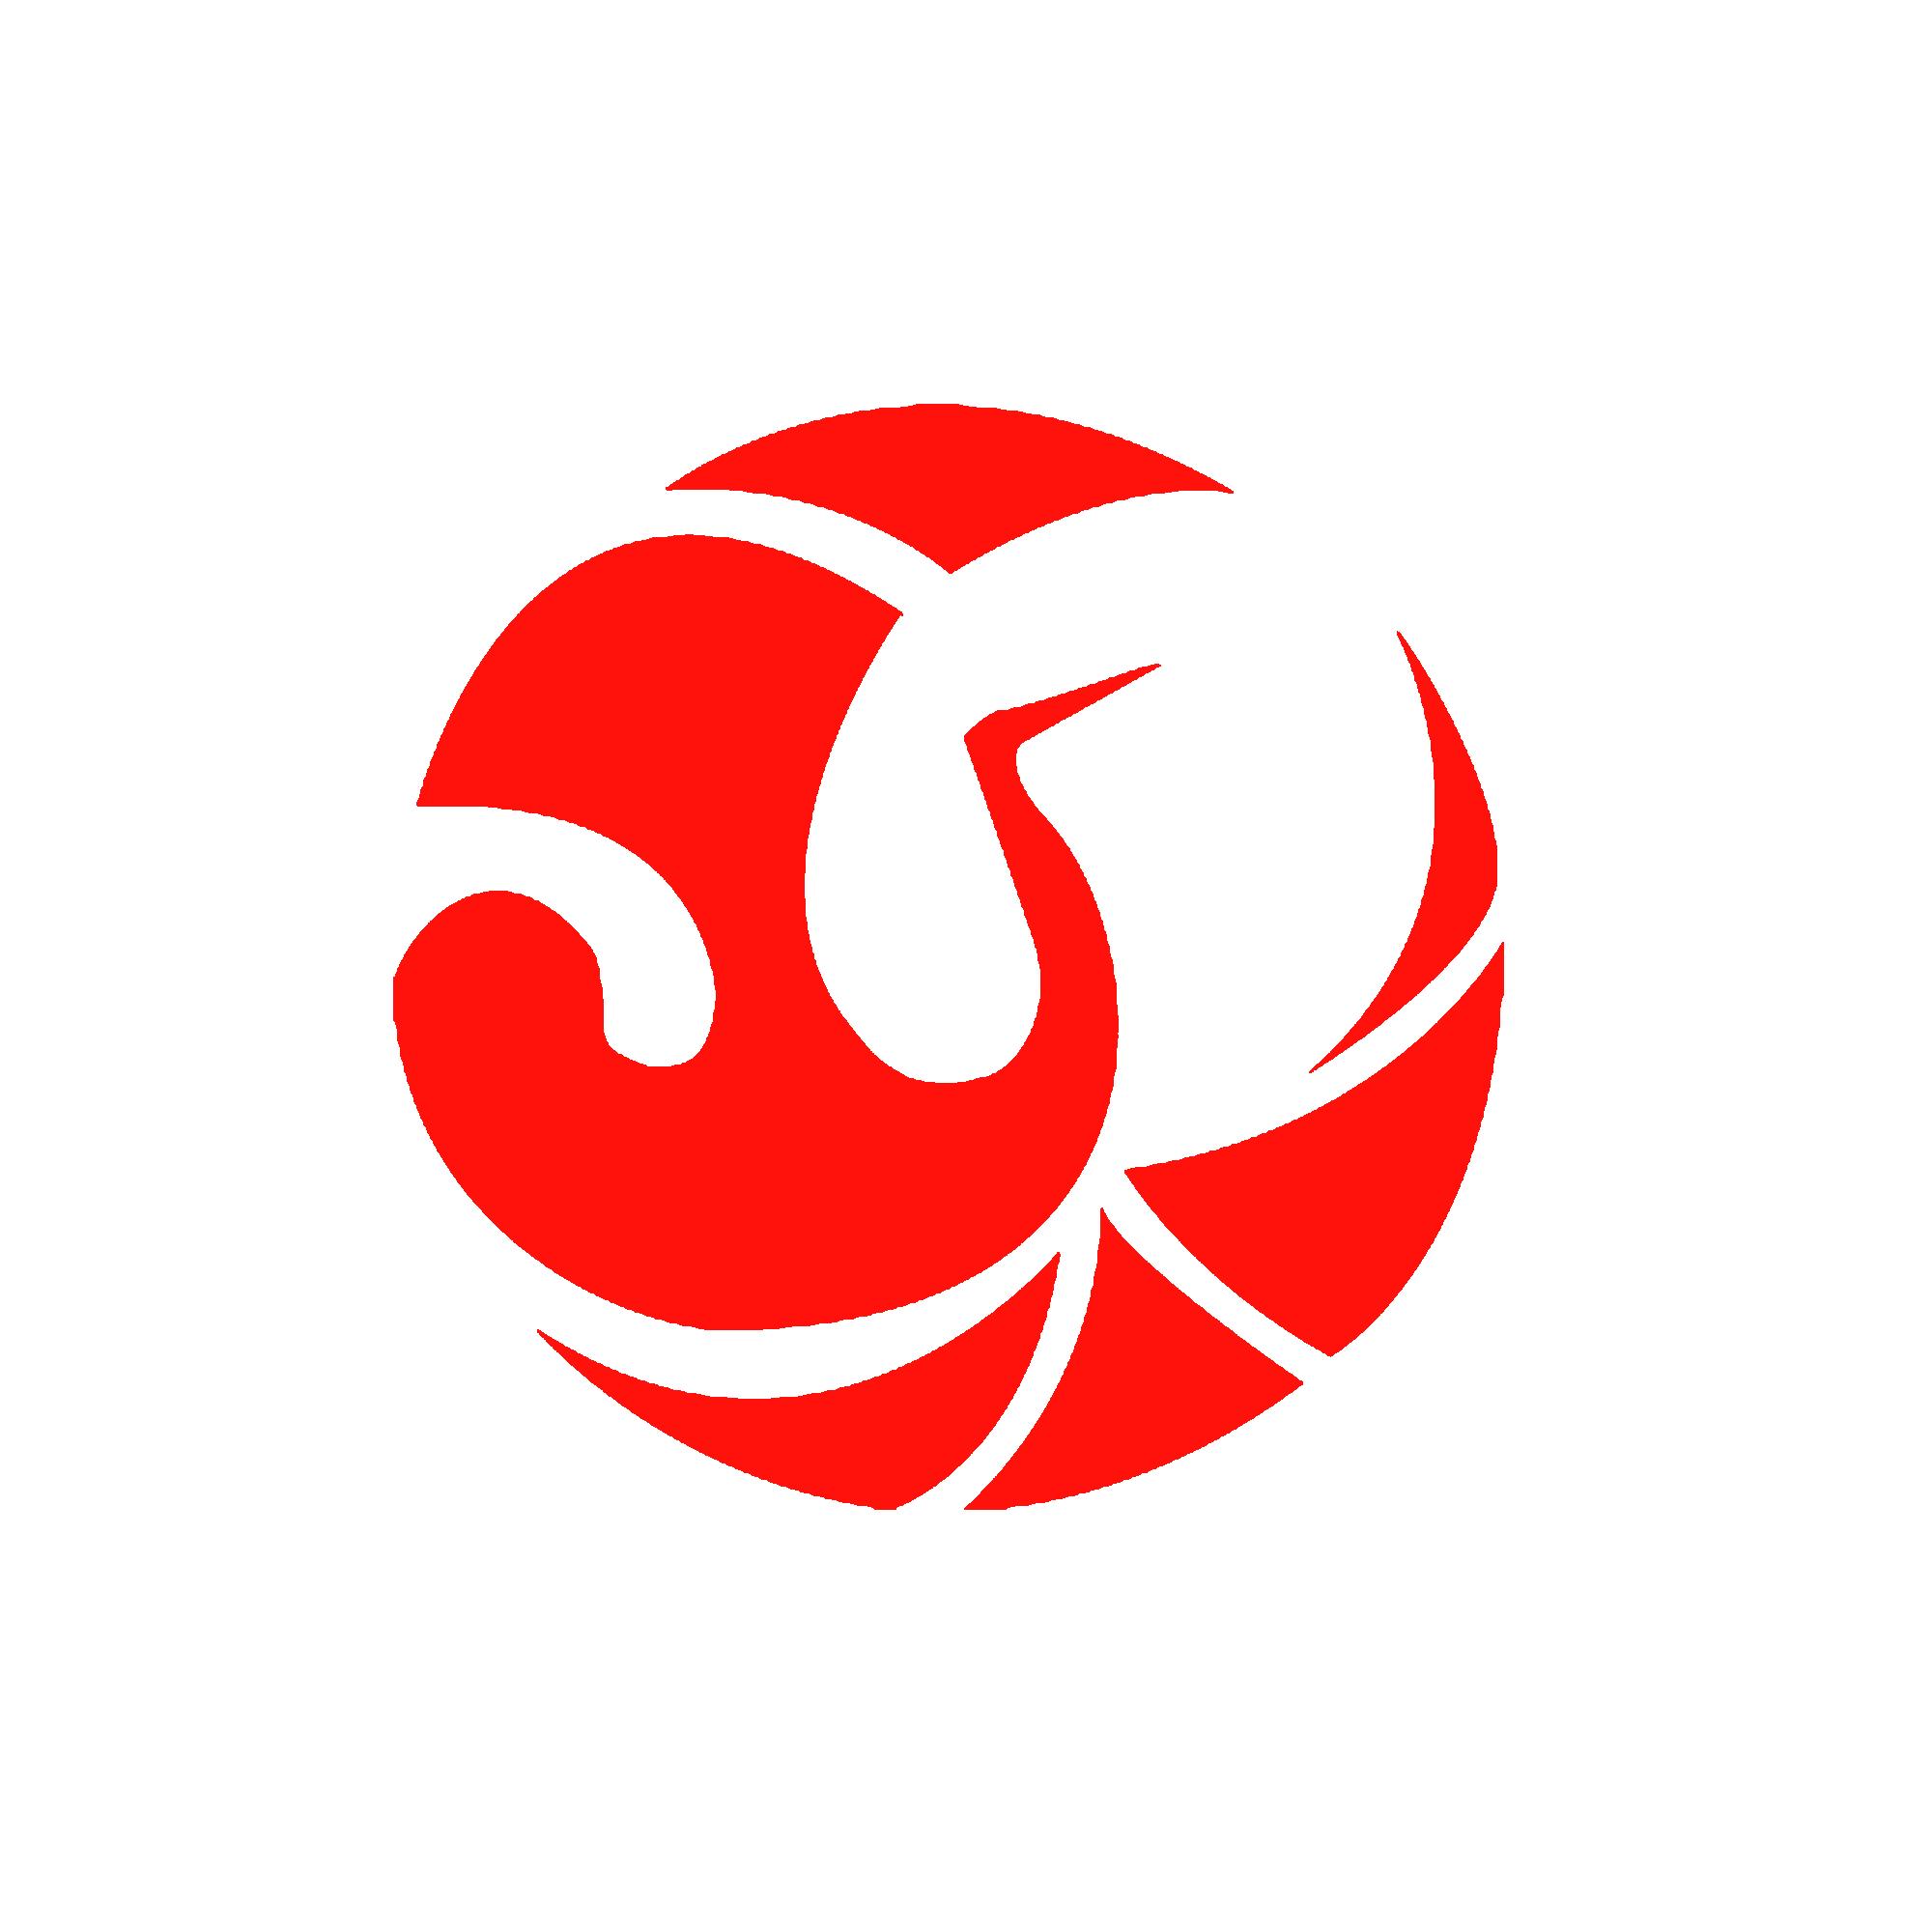 logo logo 标志 设计 矢量 矢量图 素材 图标 2000_2000